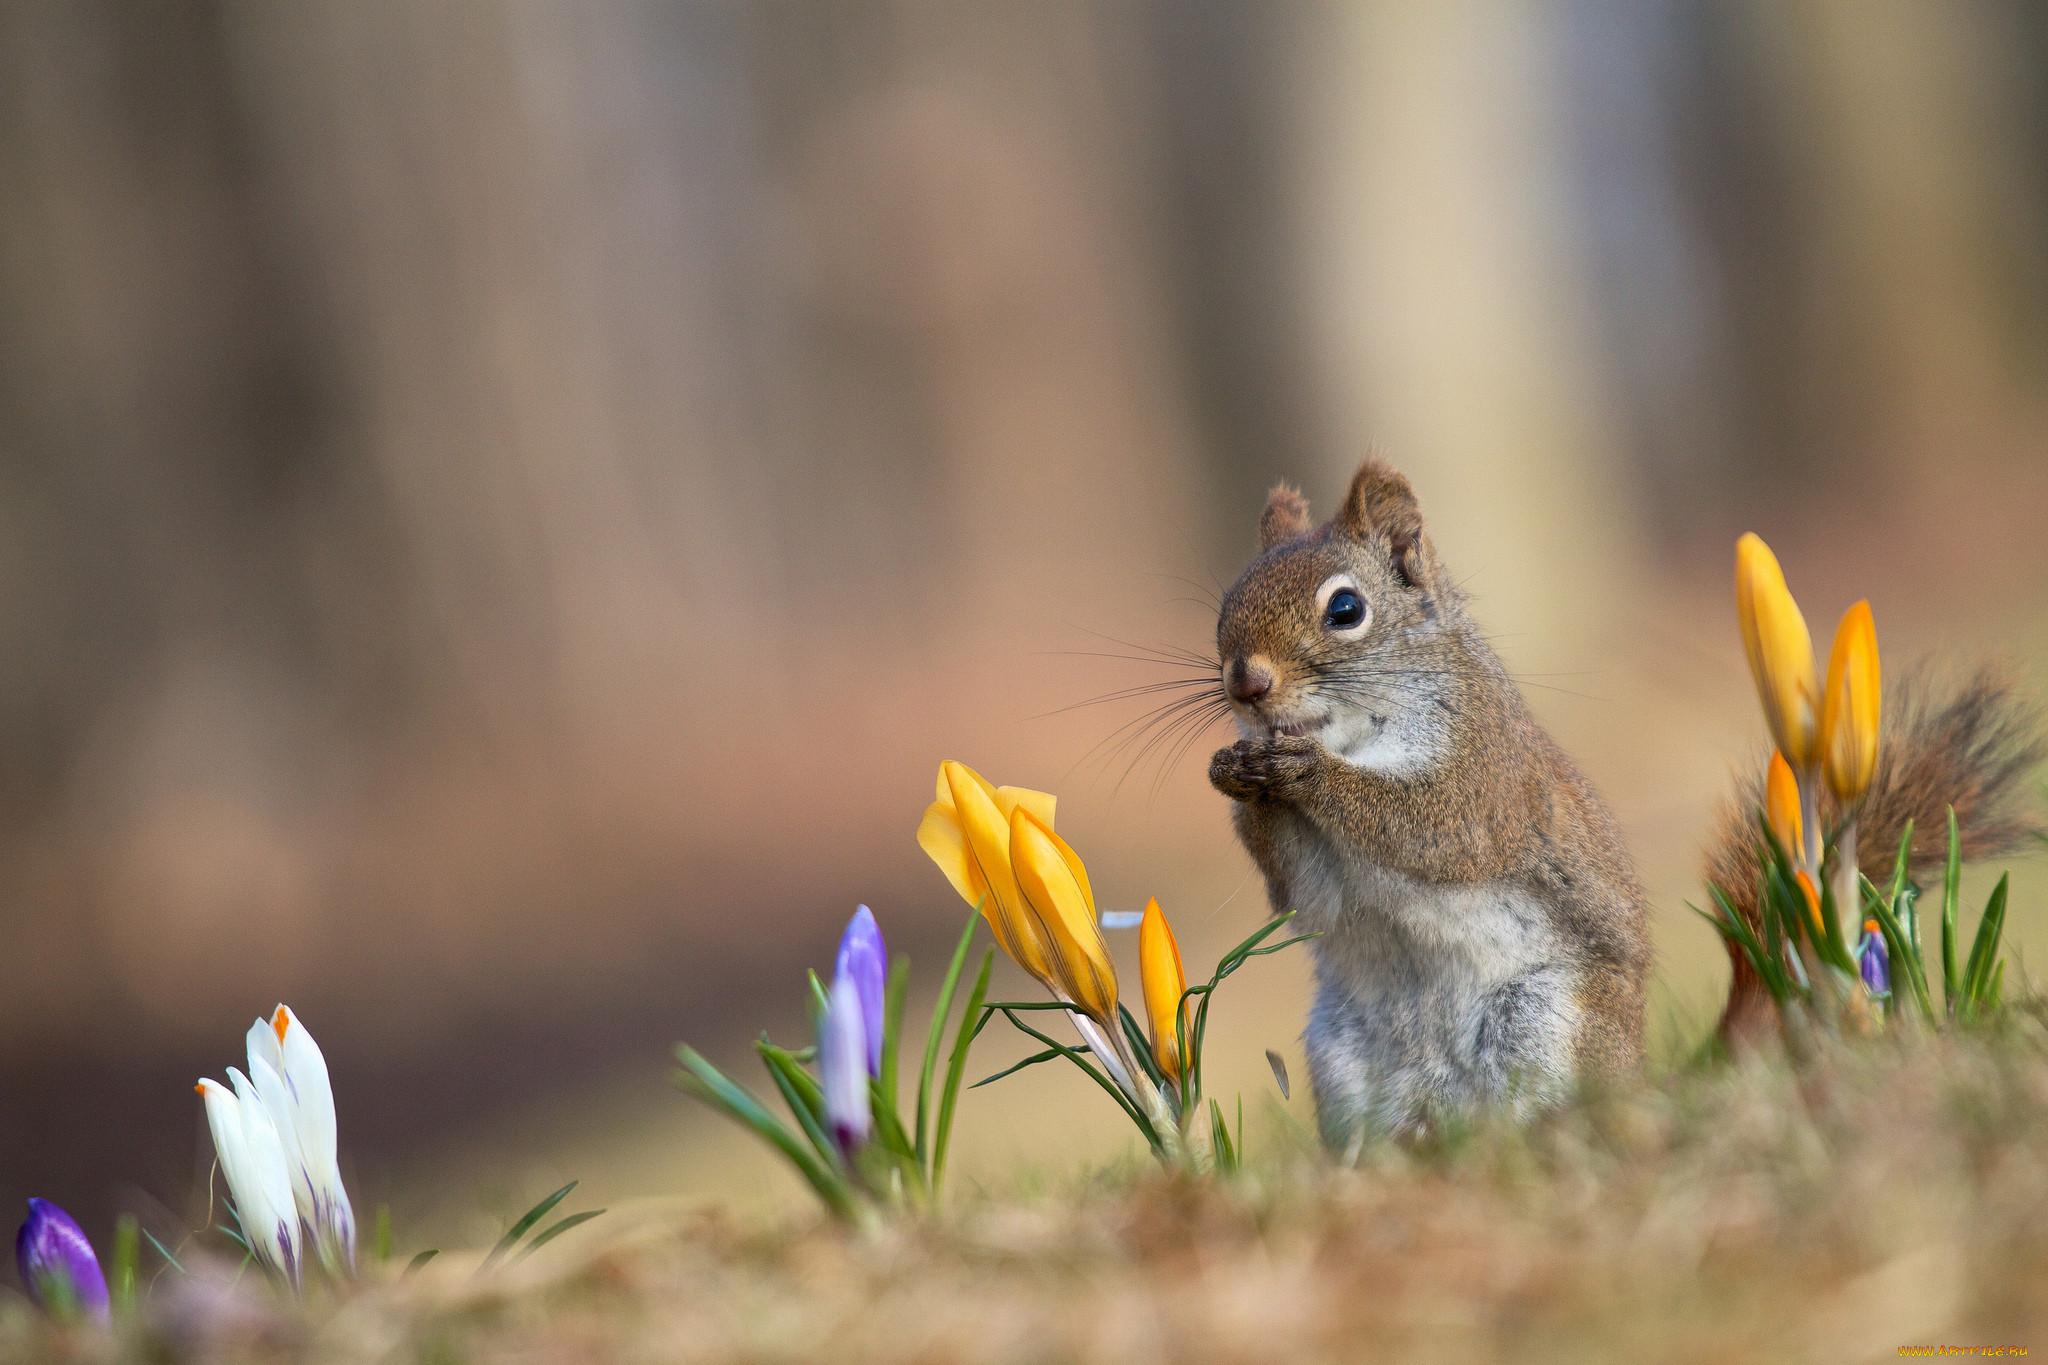 лучшие фотографы весна конечно же, вас